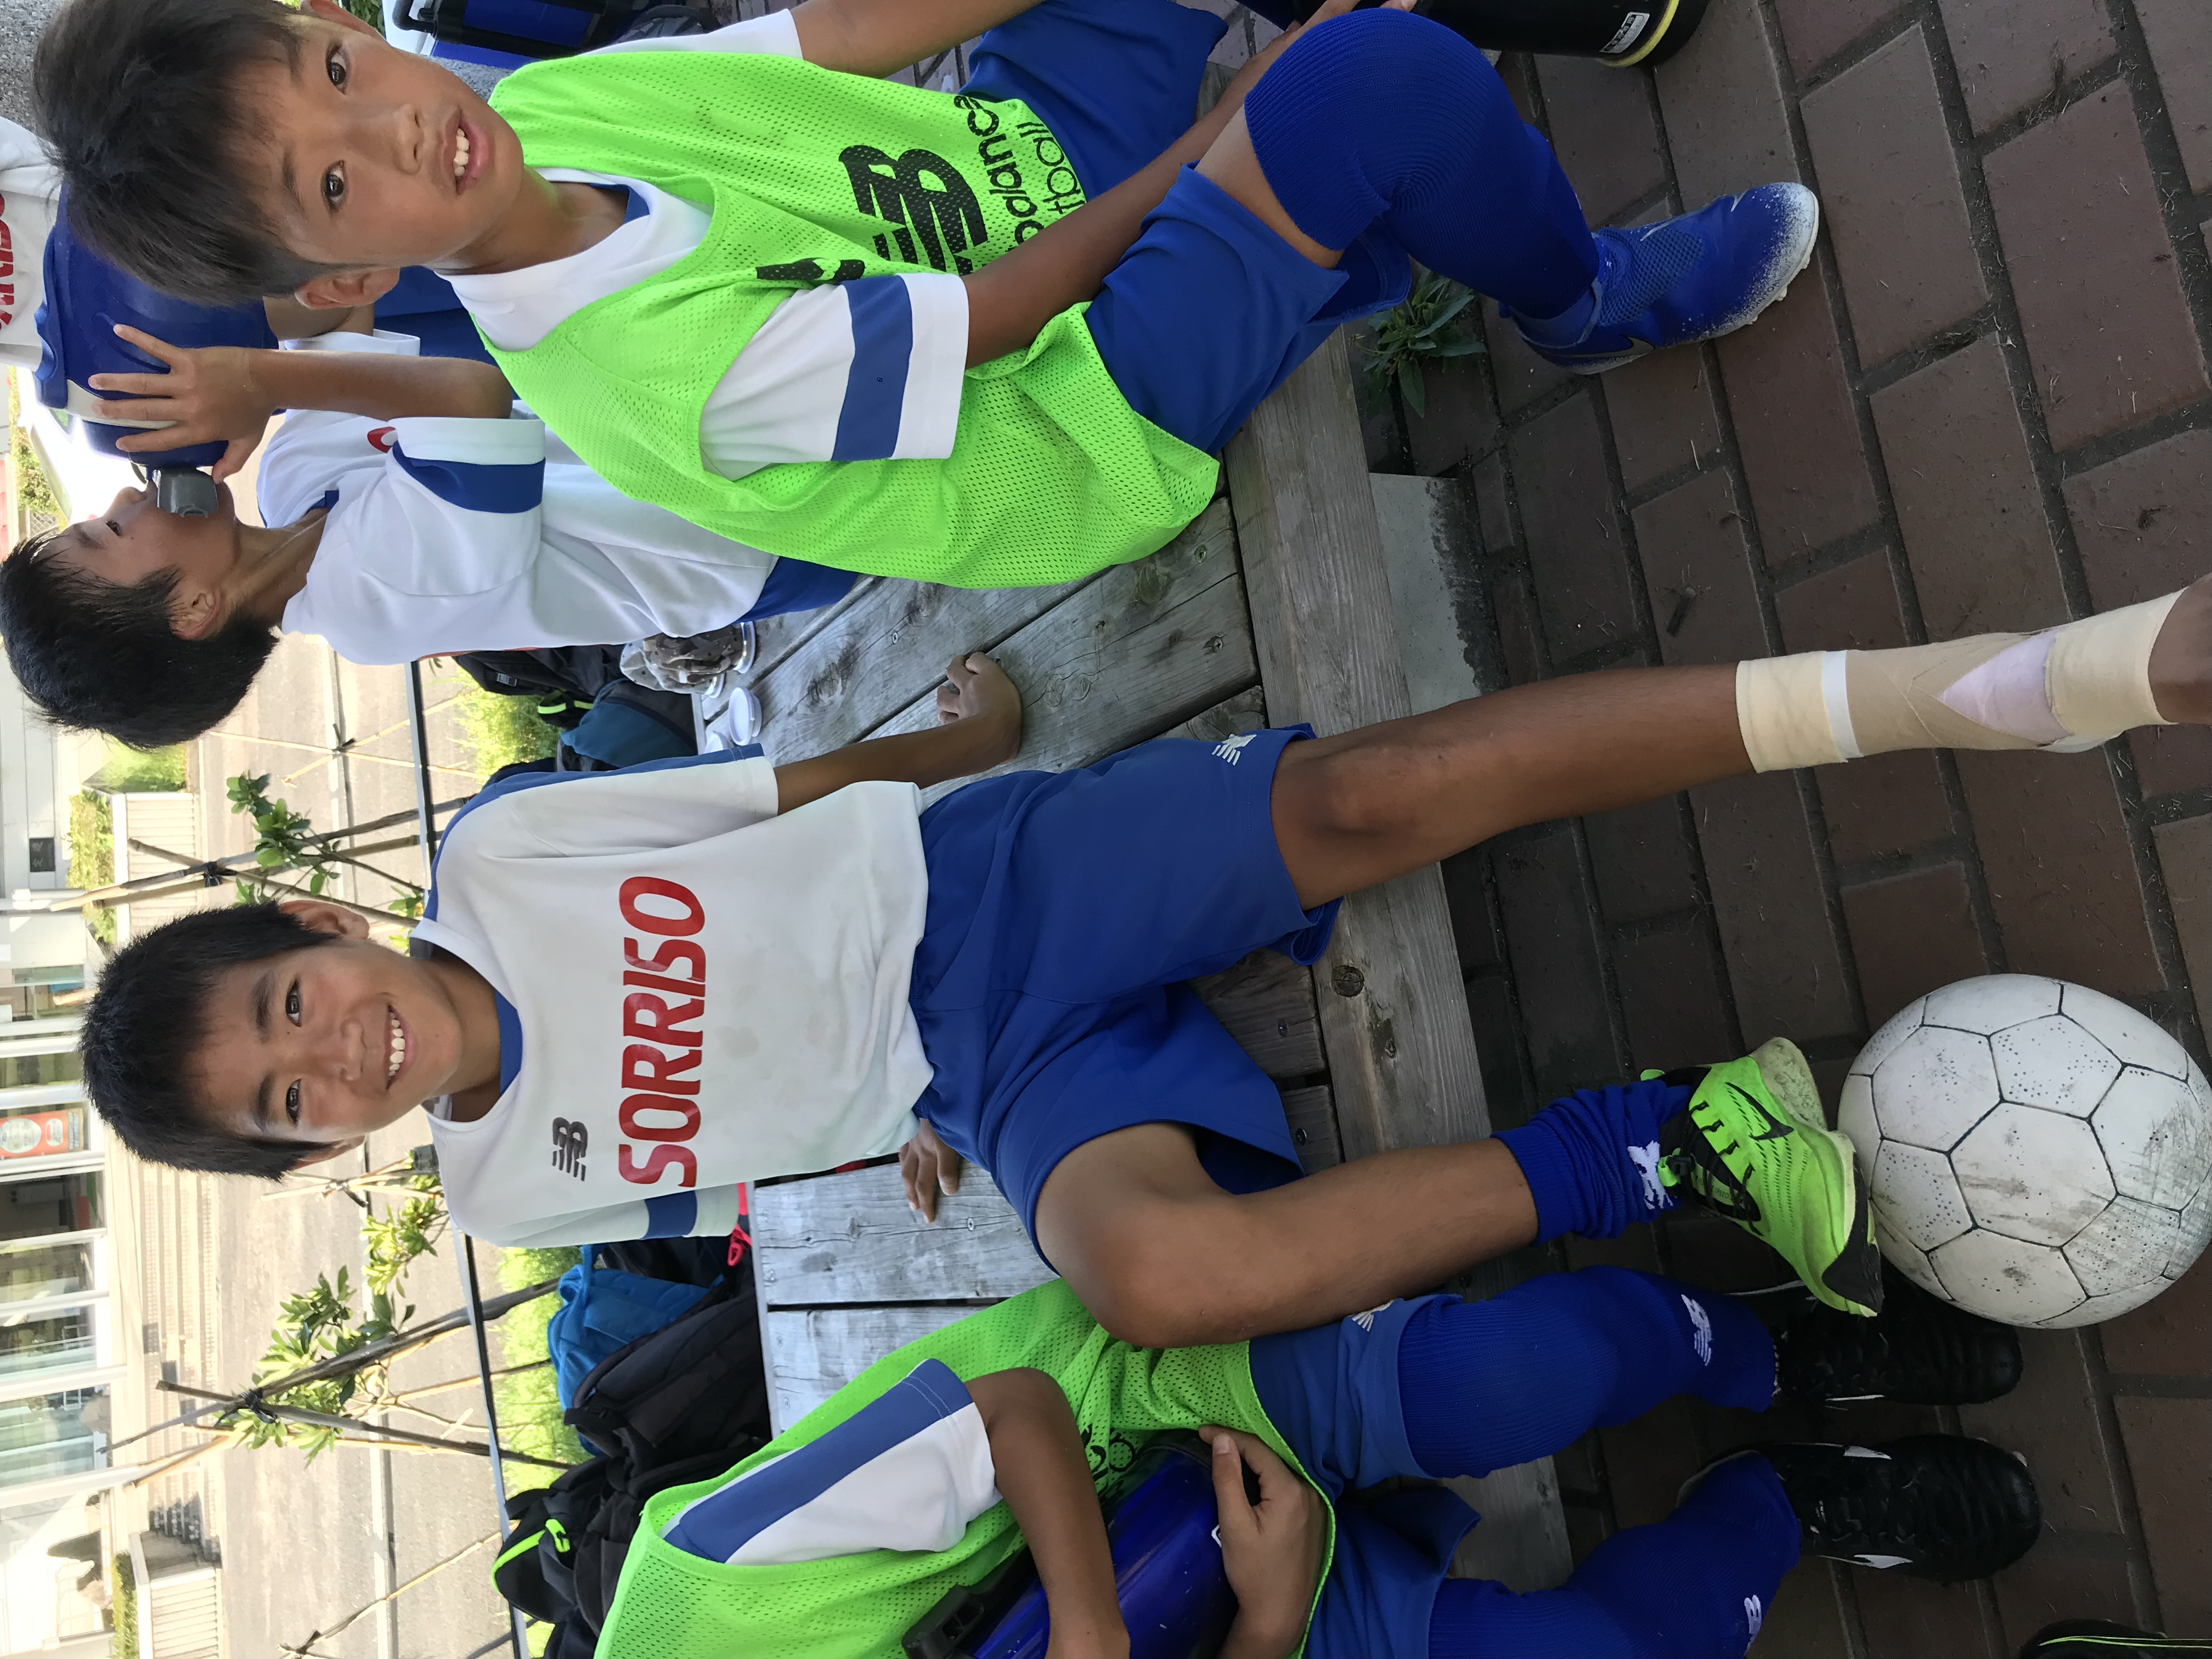 安心 | ソレッソ熊本 | 熊本のサッカークラブ